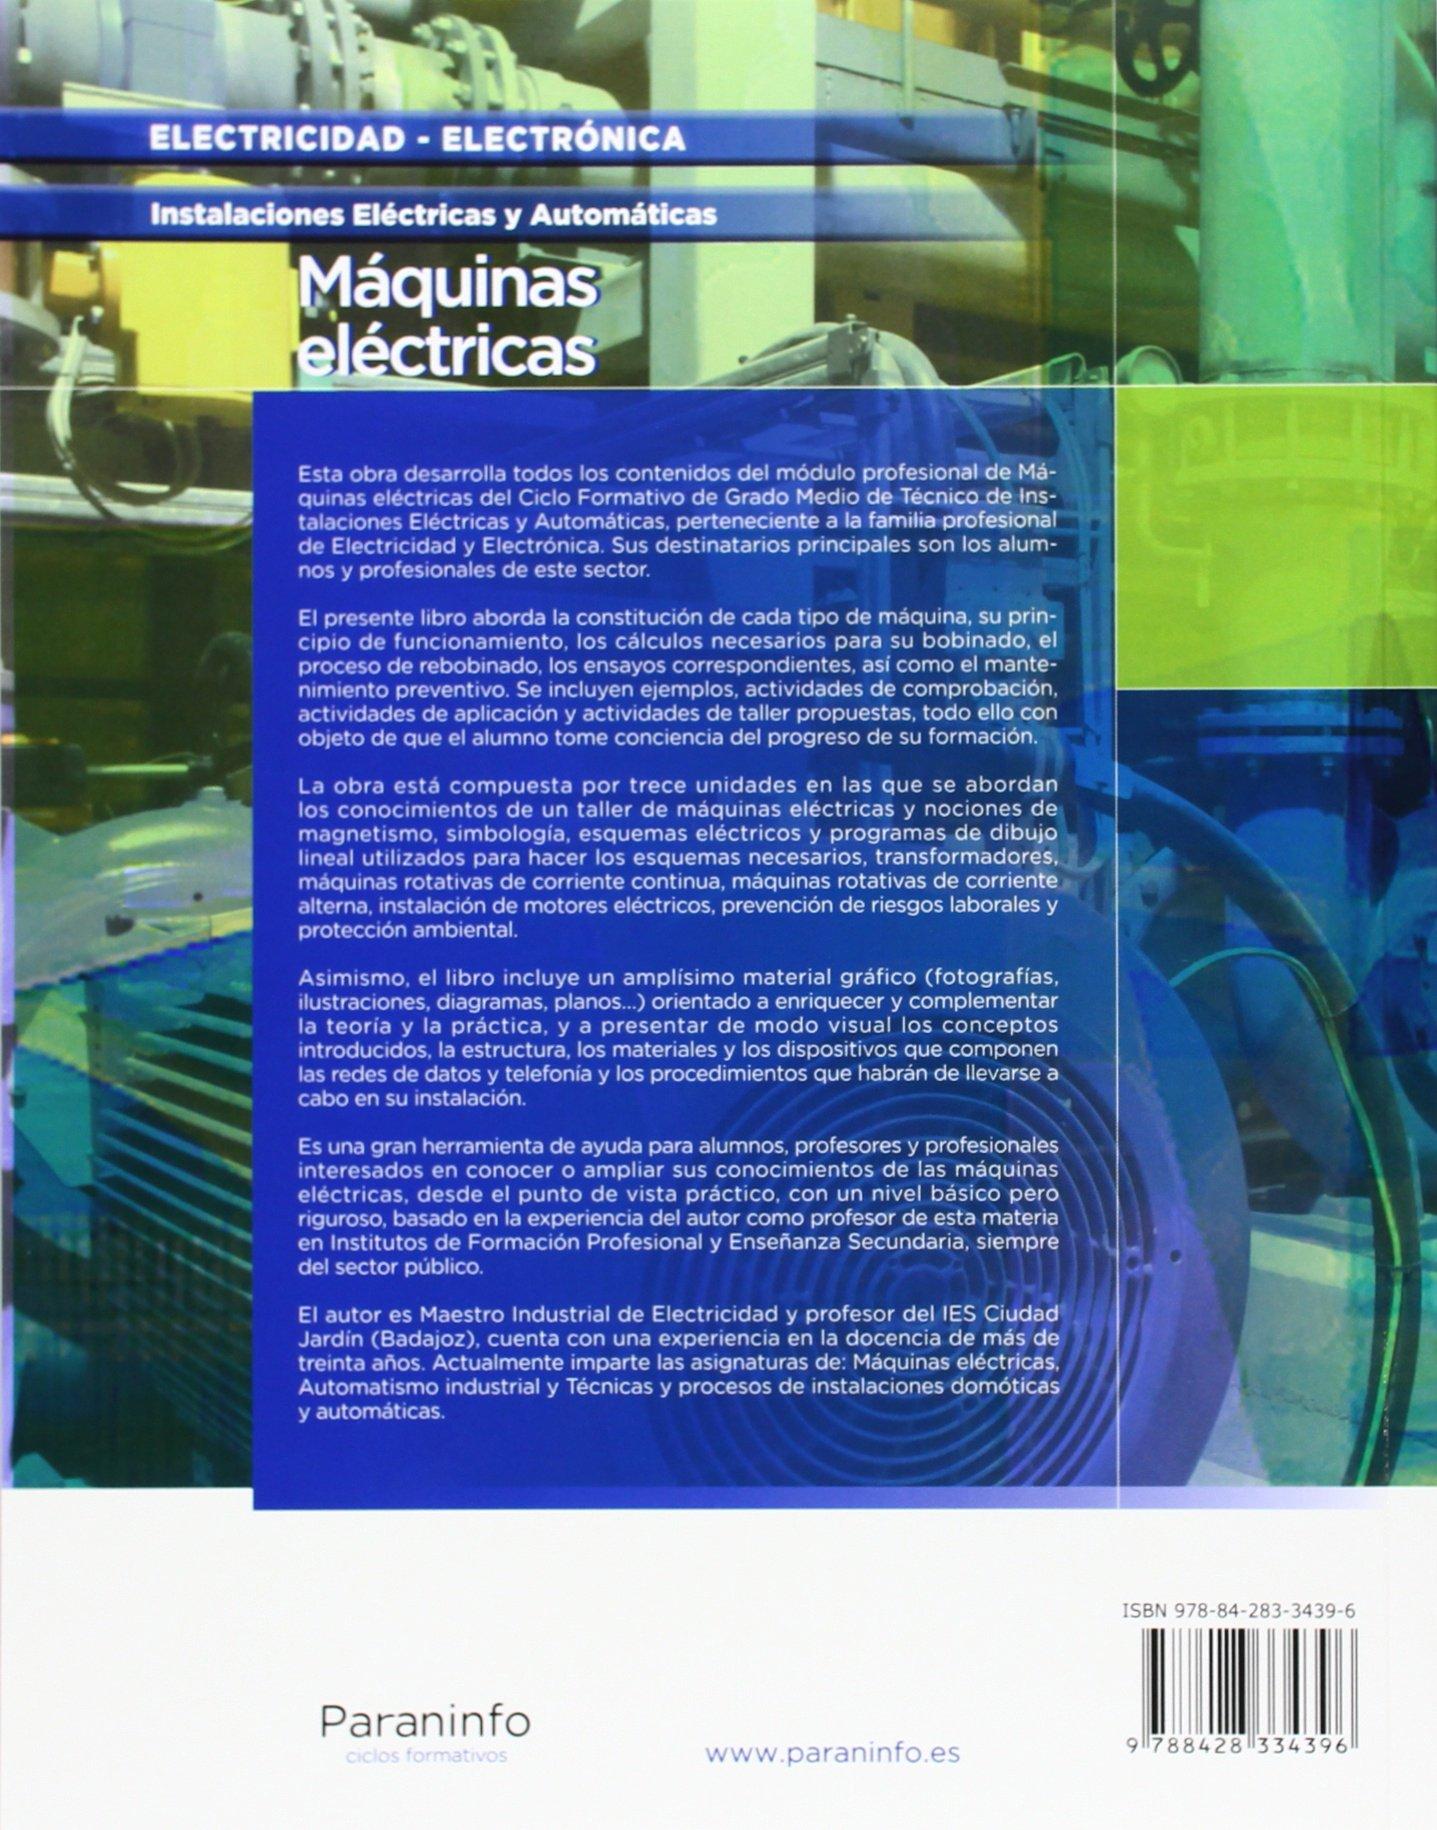 Máquinas eléctricas (Electricidad Electronica): Amazon.es: JUAN JOSE MANZANO ORREGO: Libros